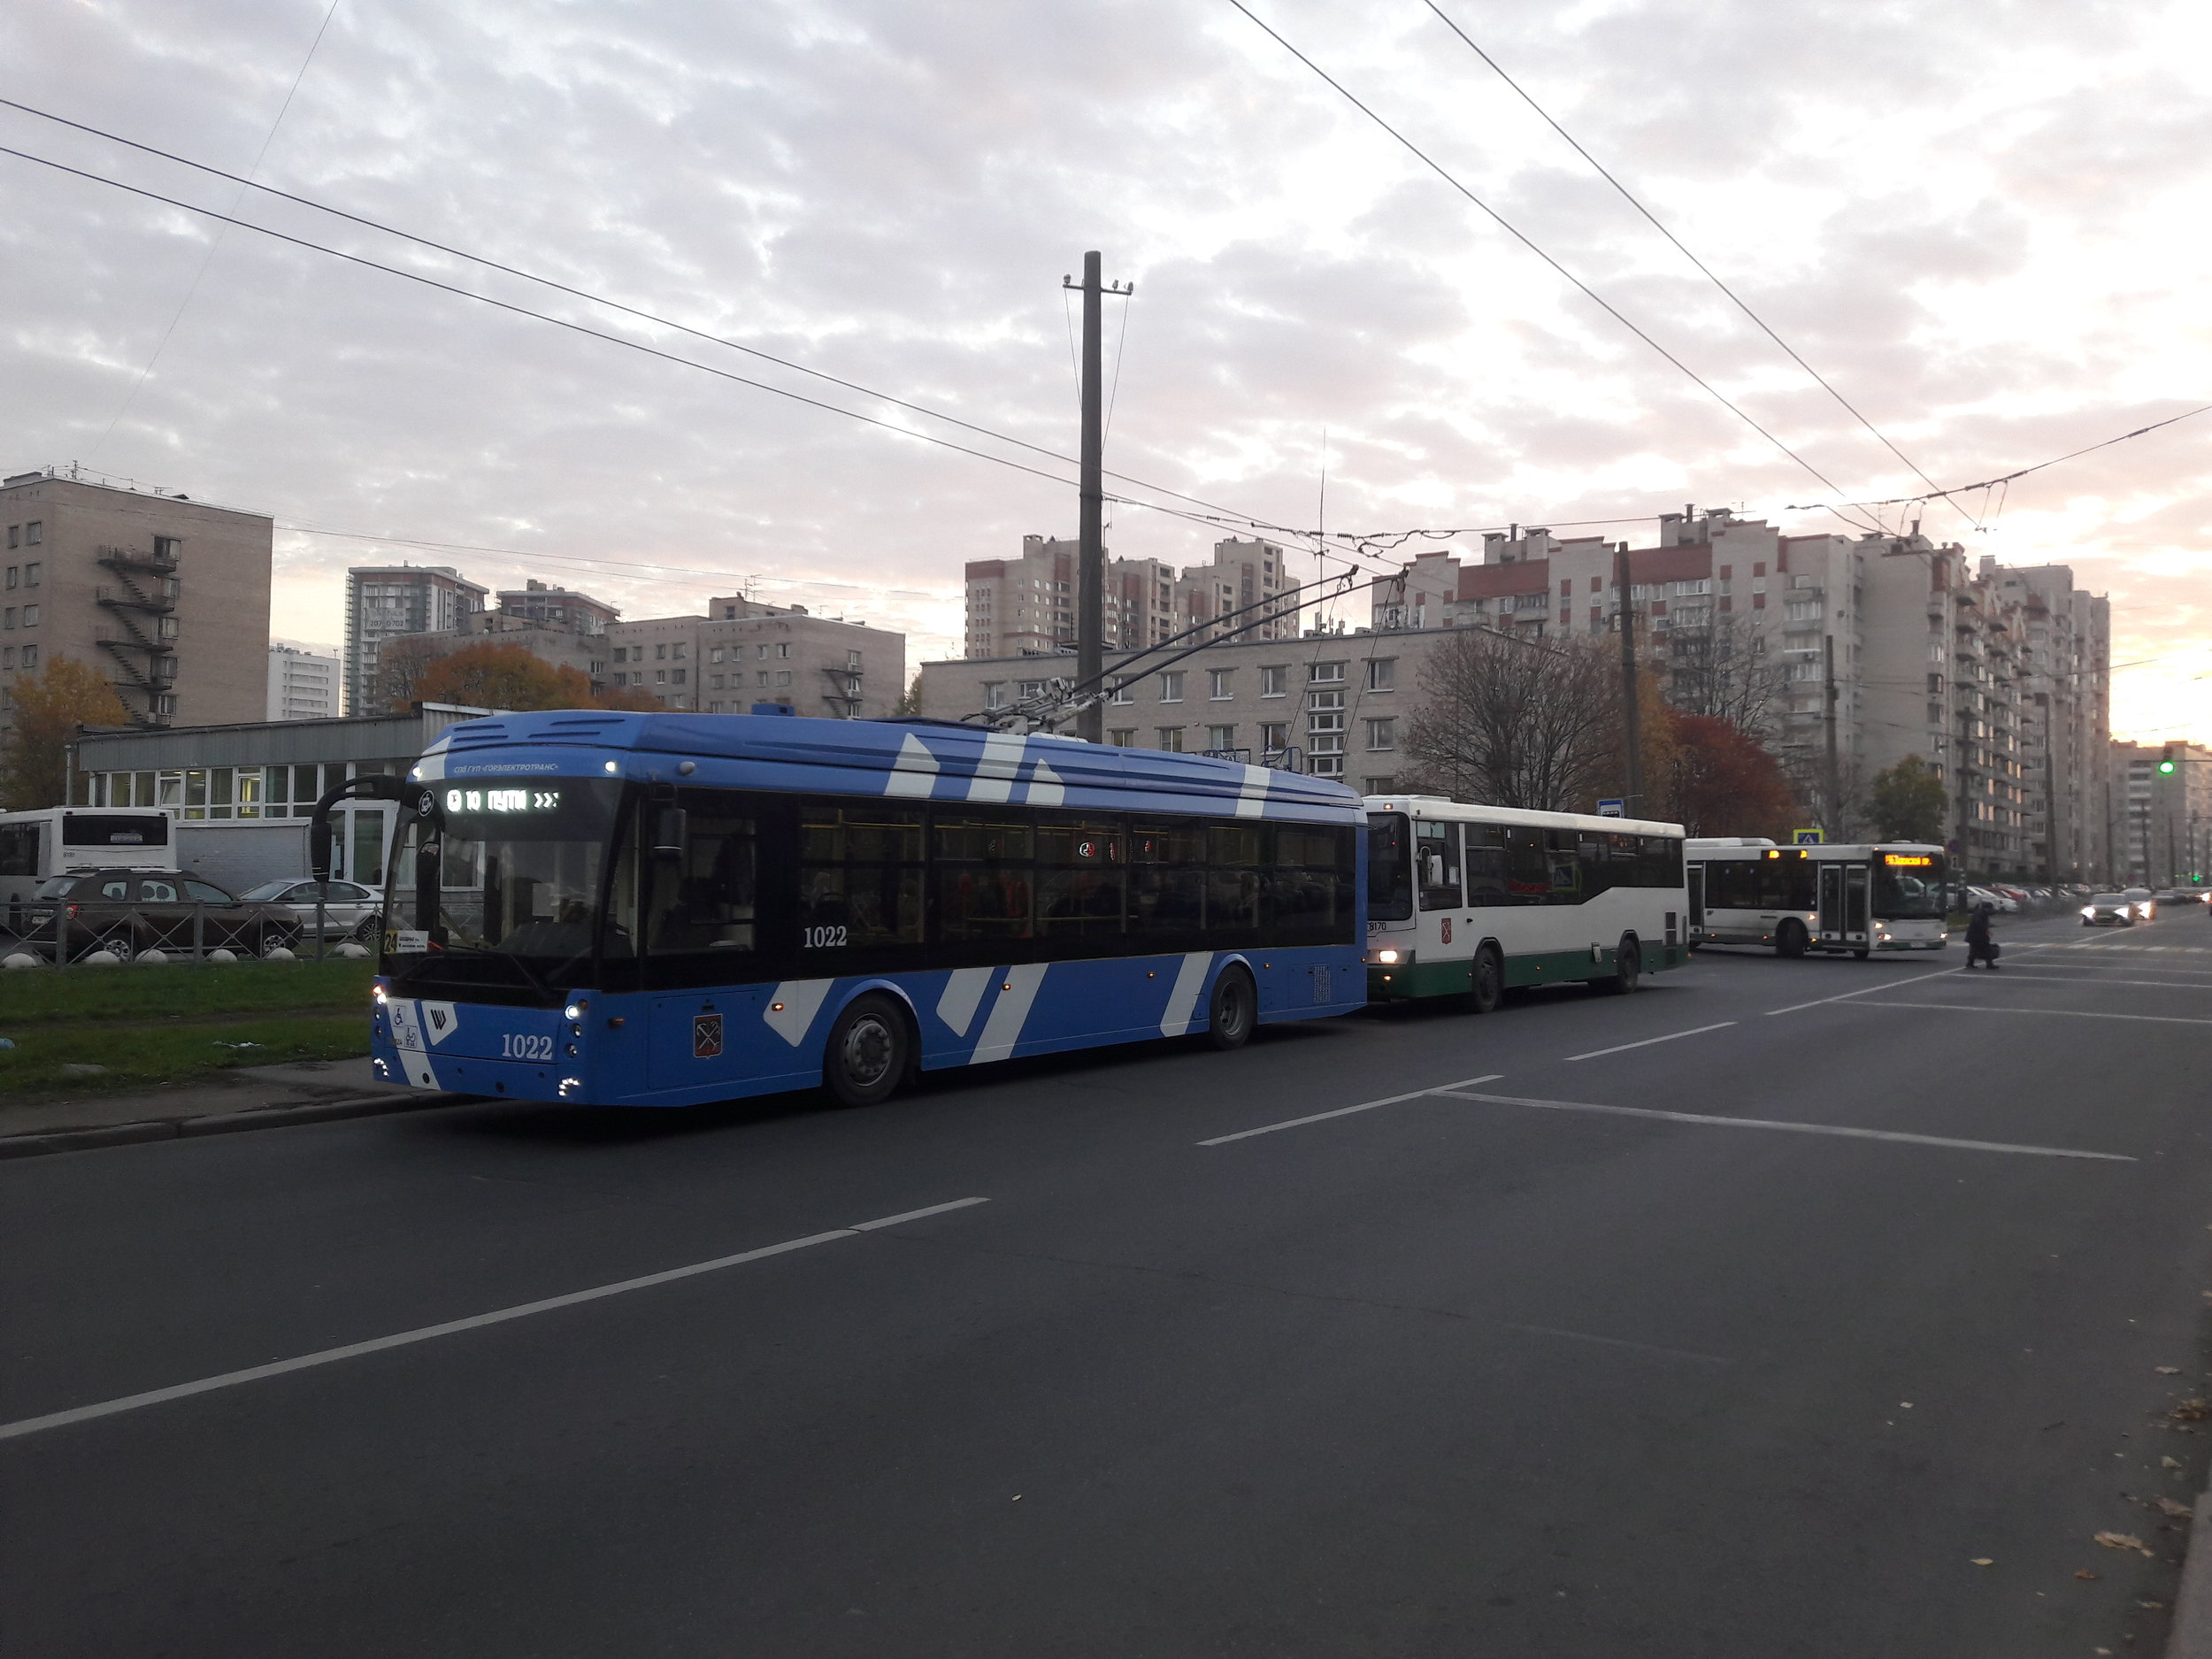 Na lince 24 na konečné Zvezdnaja ulica (jih města).